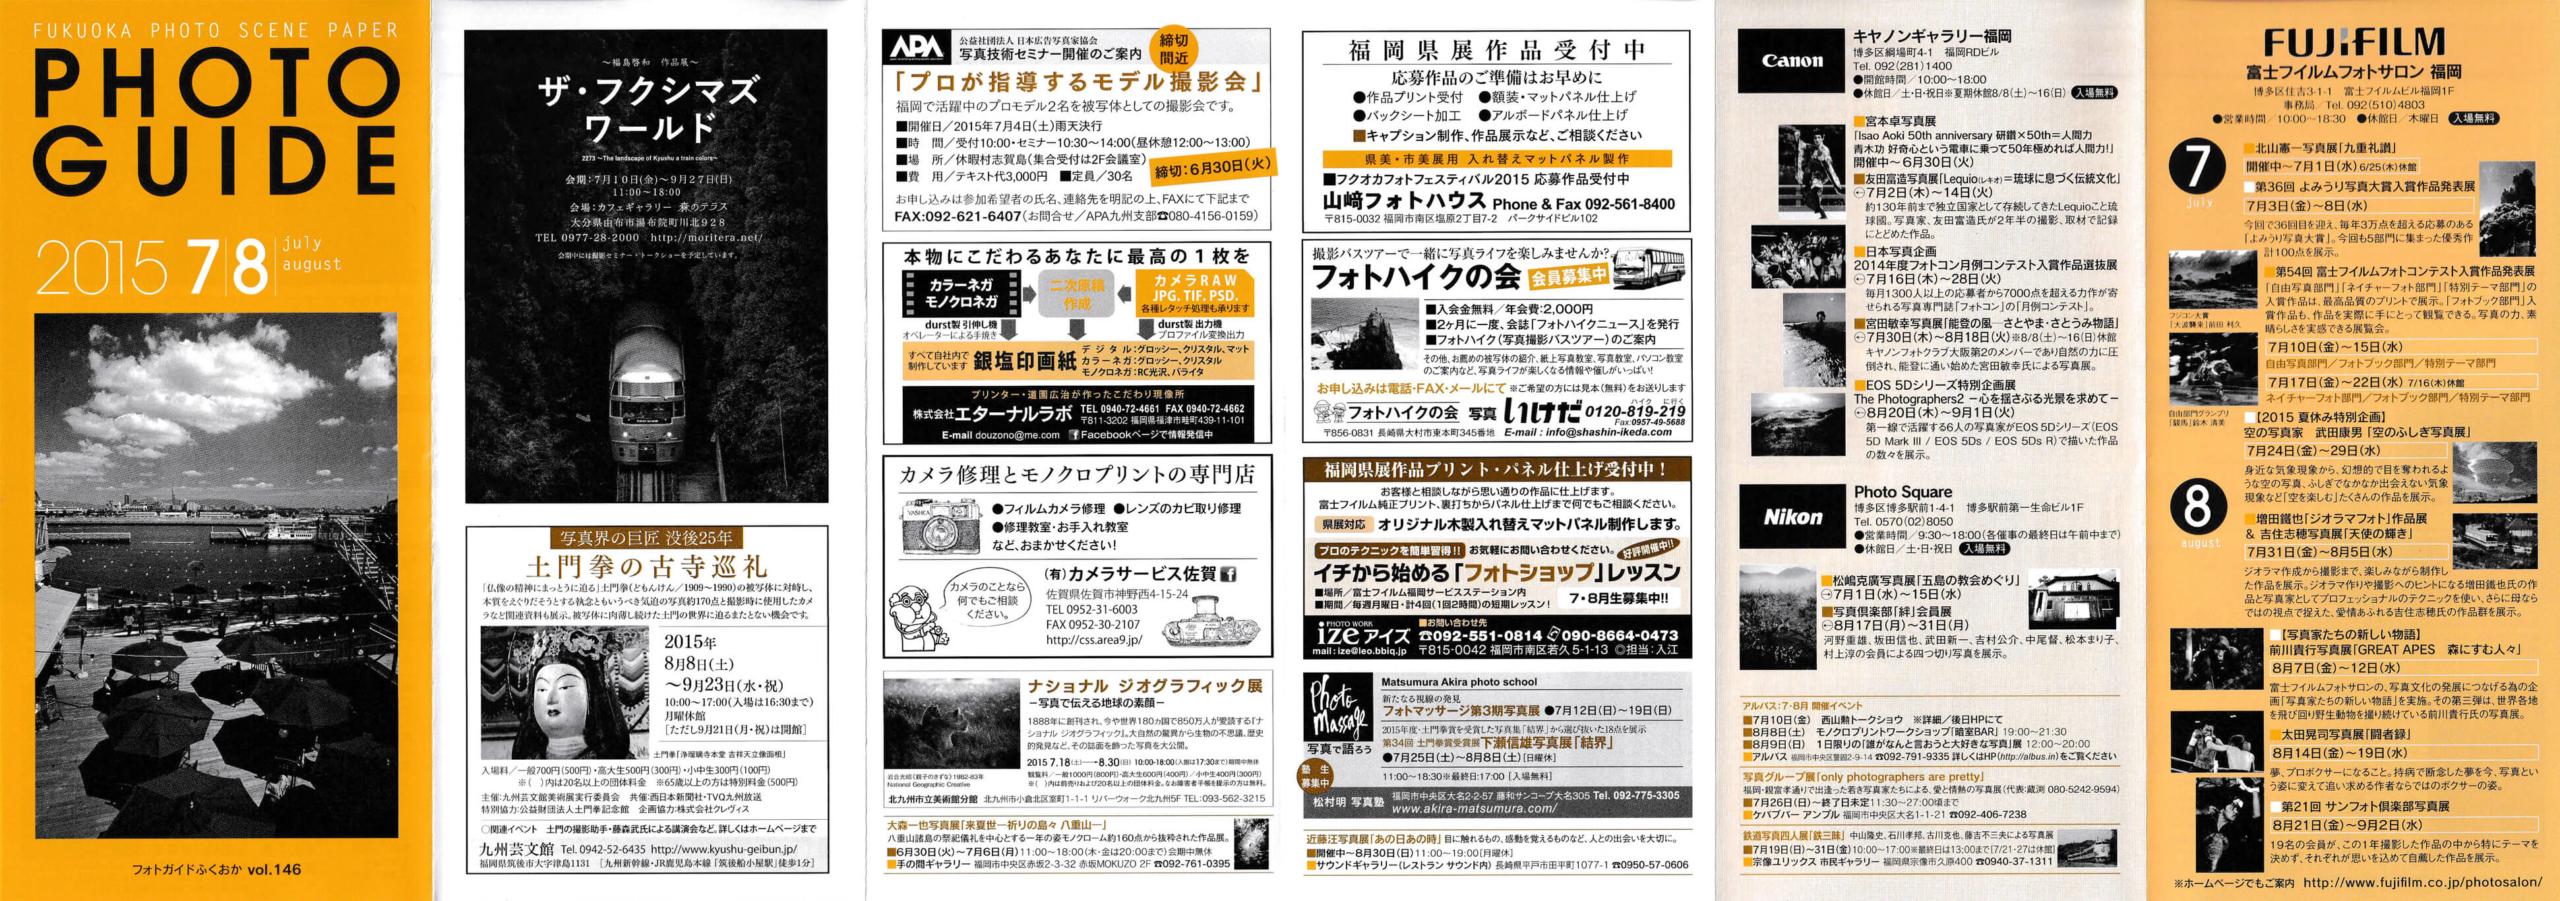 フォトガイドふくおか|アーカイブ|vol146